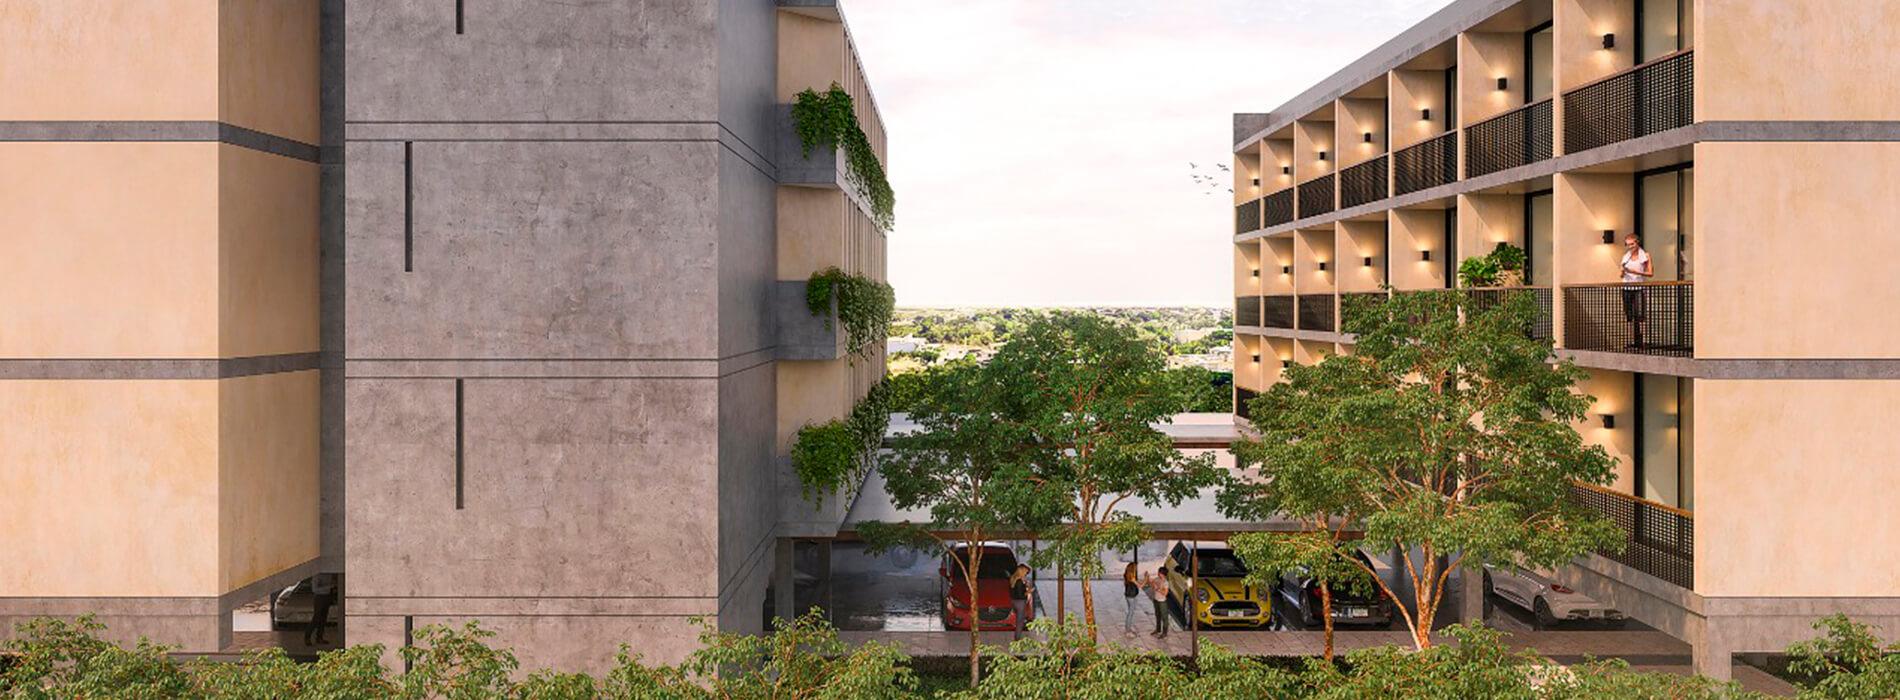 Departamentos Venta Mérida Studios by Helia Goodlers